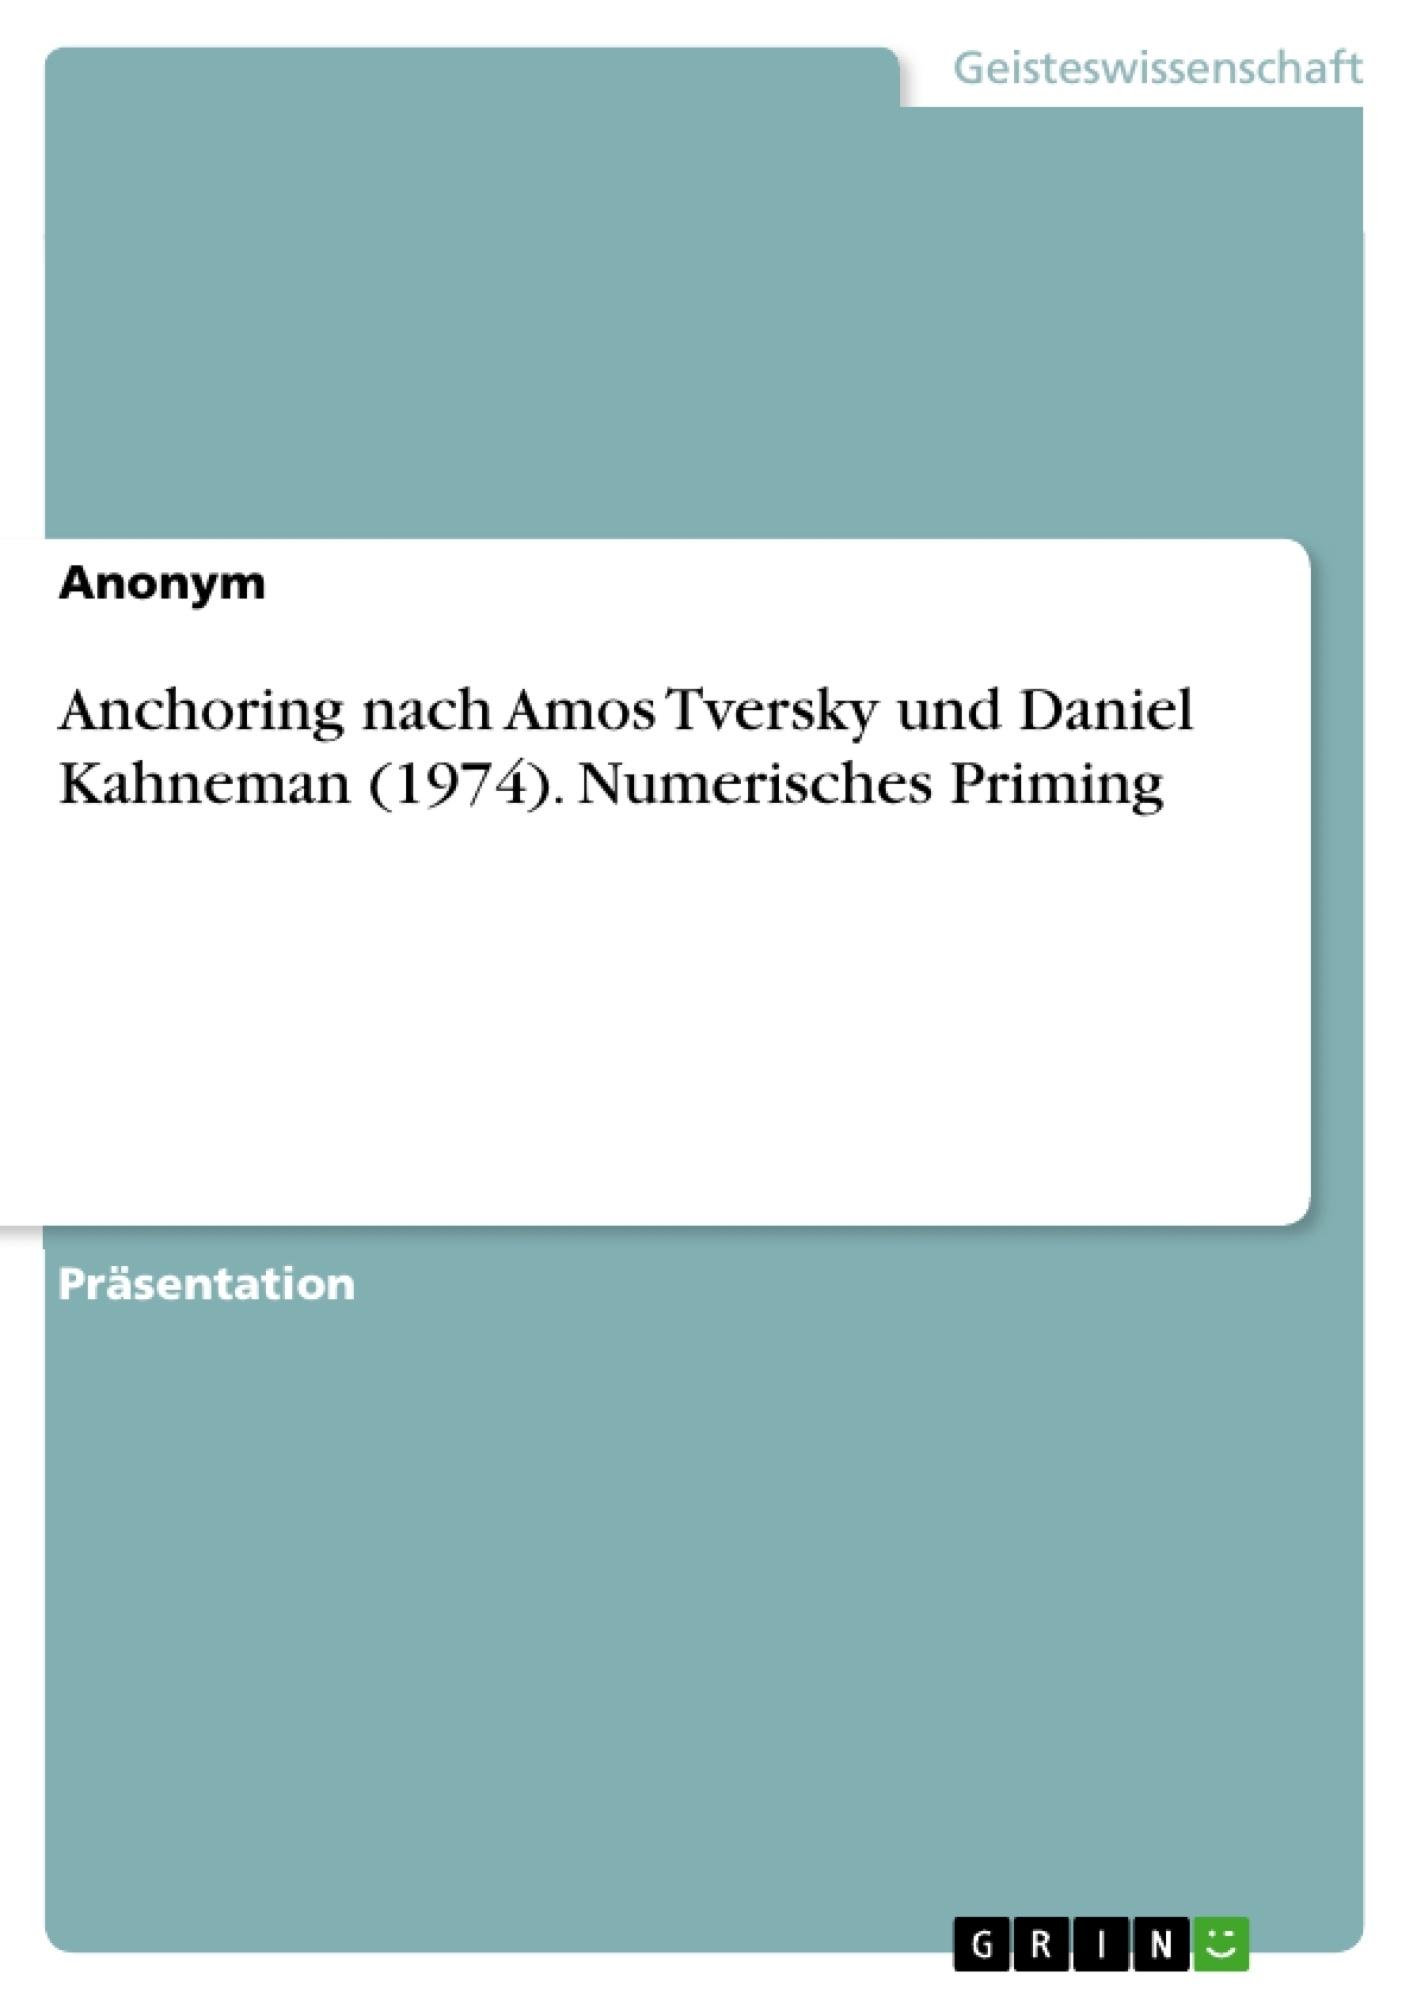 Titel: Anchoring nach Amos Tversky und Daniel Kahneman (1974). Numerisches Priming